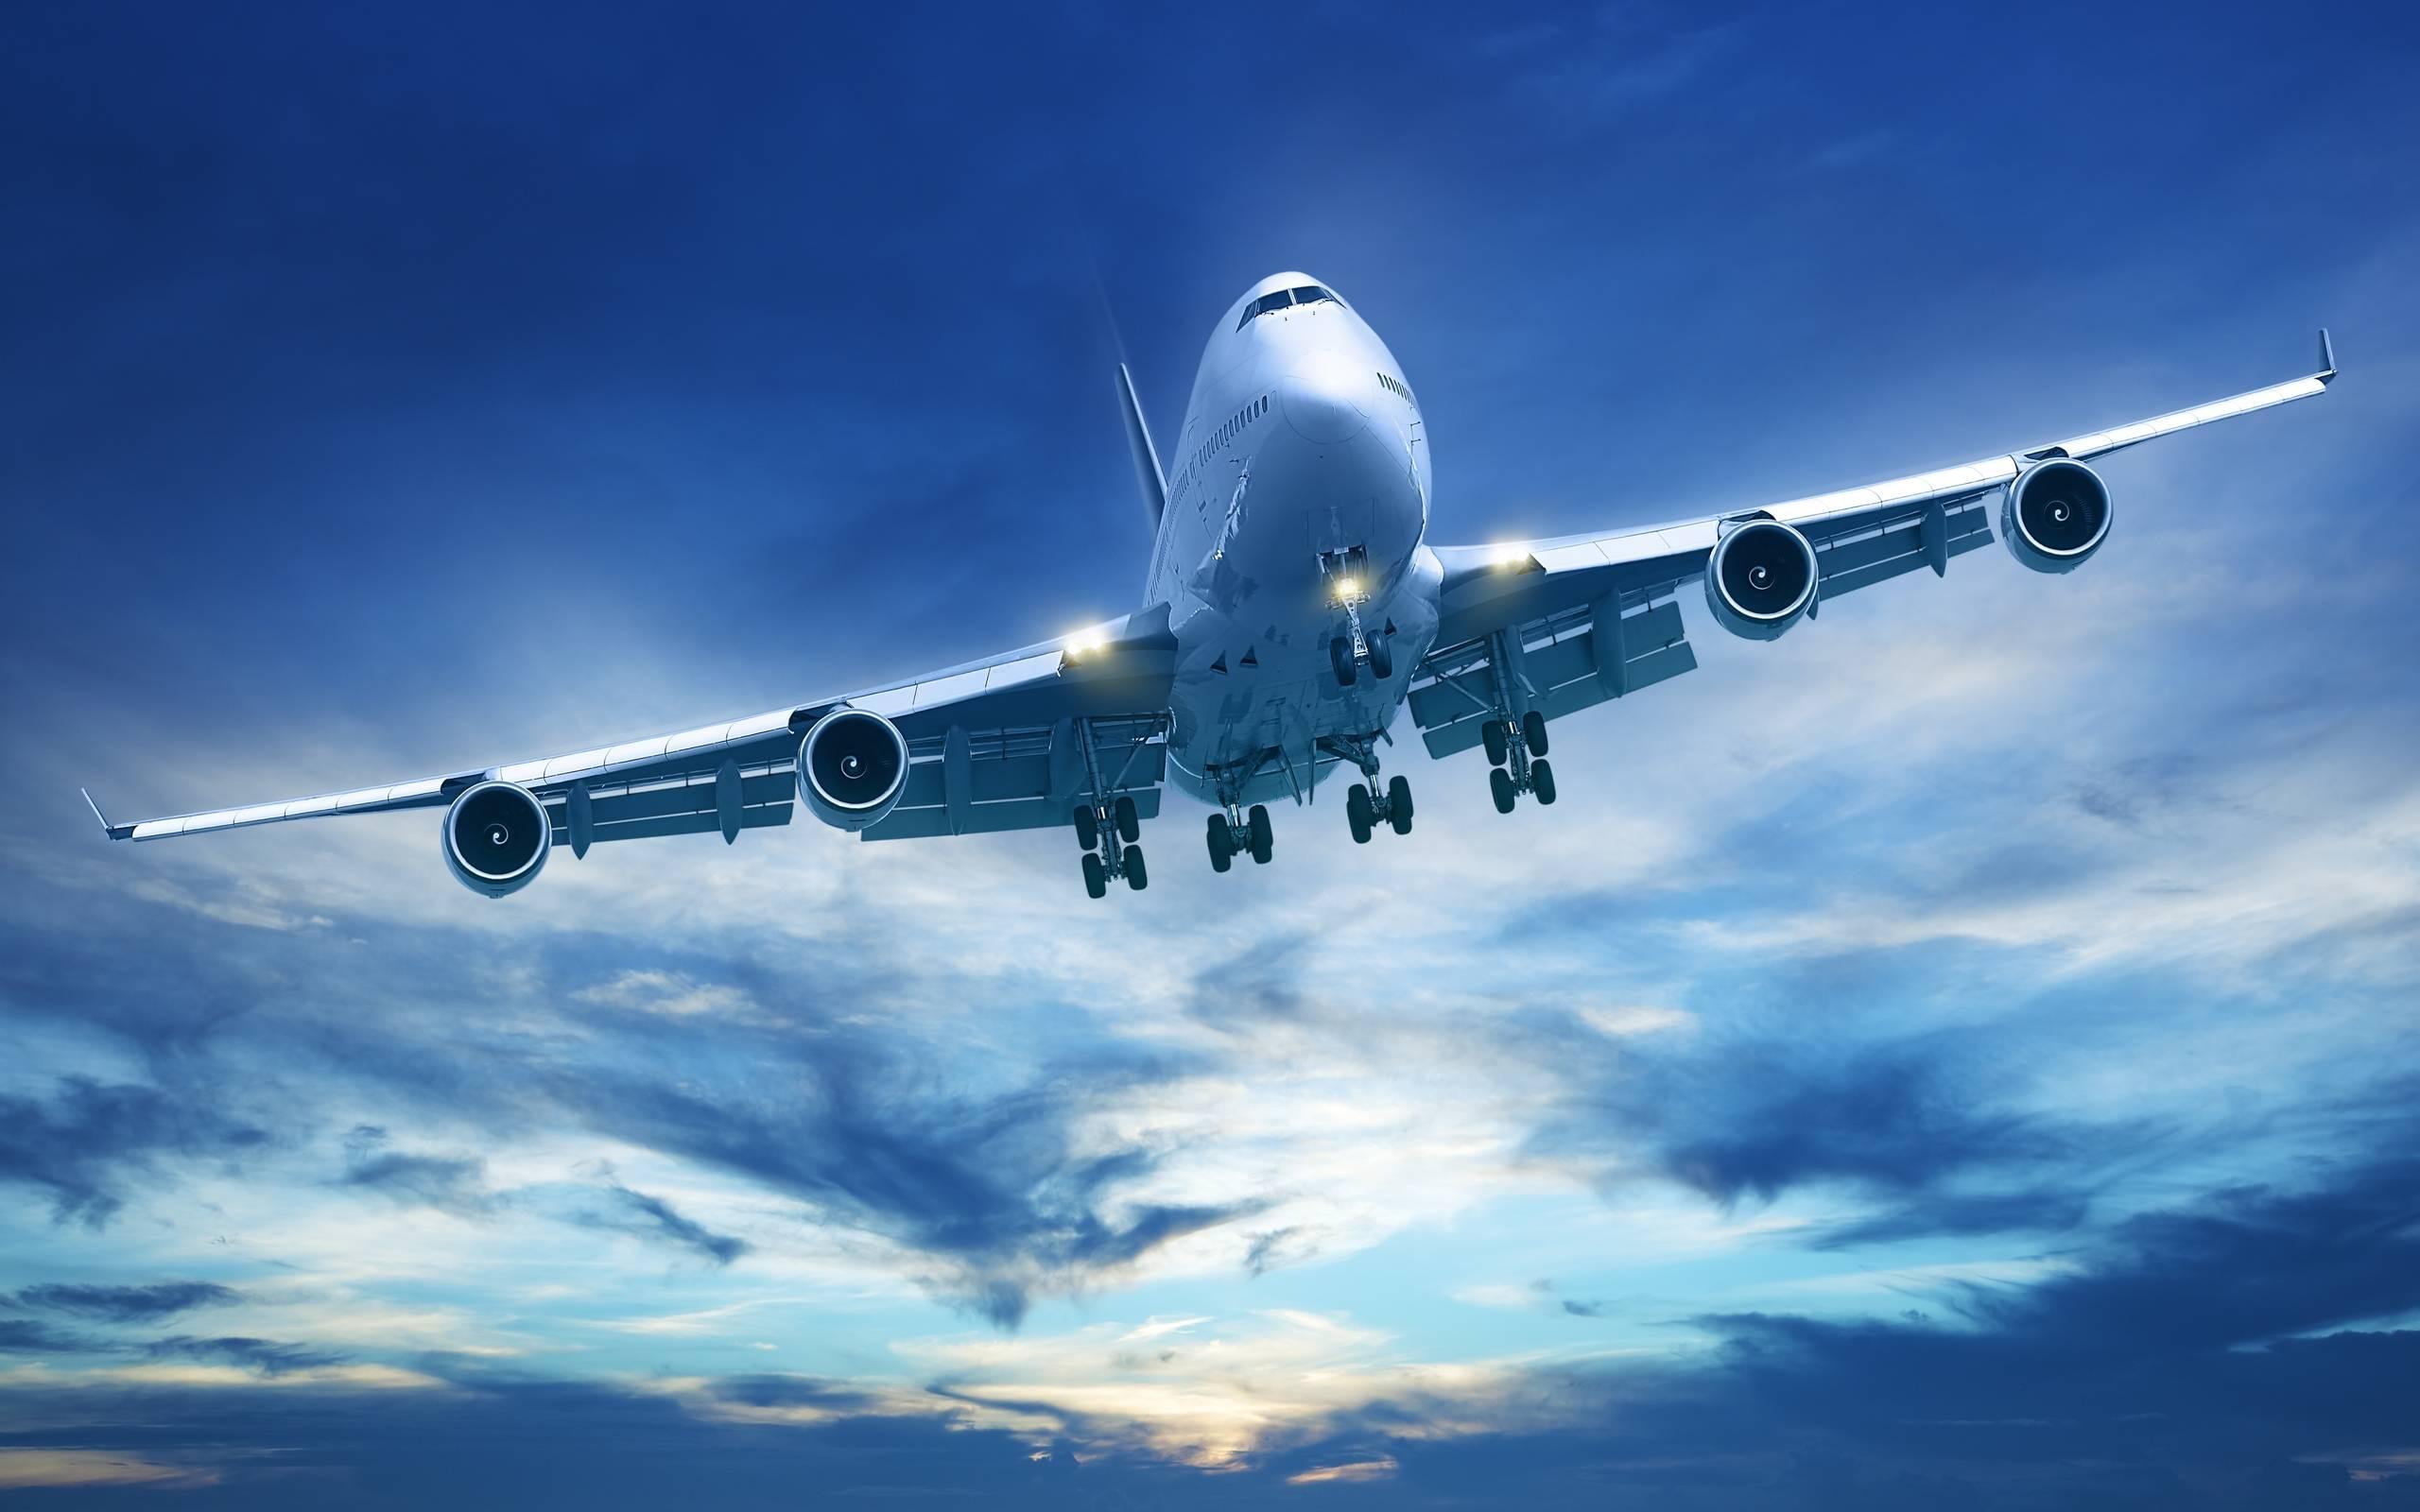 کشورهای خارجی مجاز به پرواز